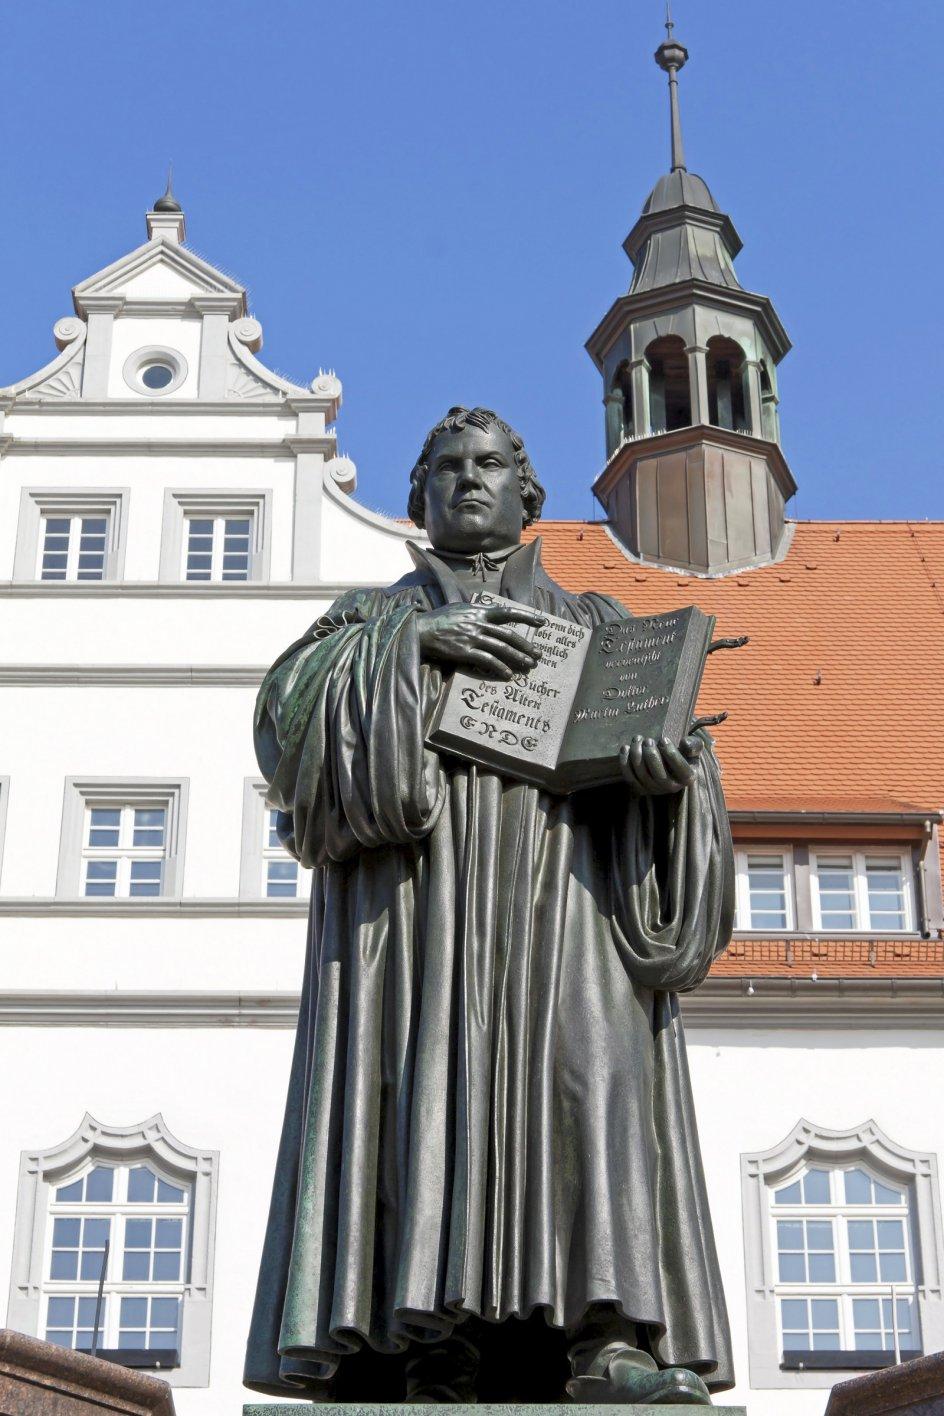 På denne læserrejse går vi i Luthers fodspor og fordyber os i hans liv og tanke.